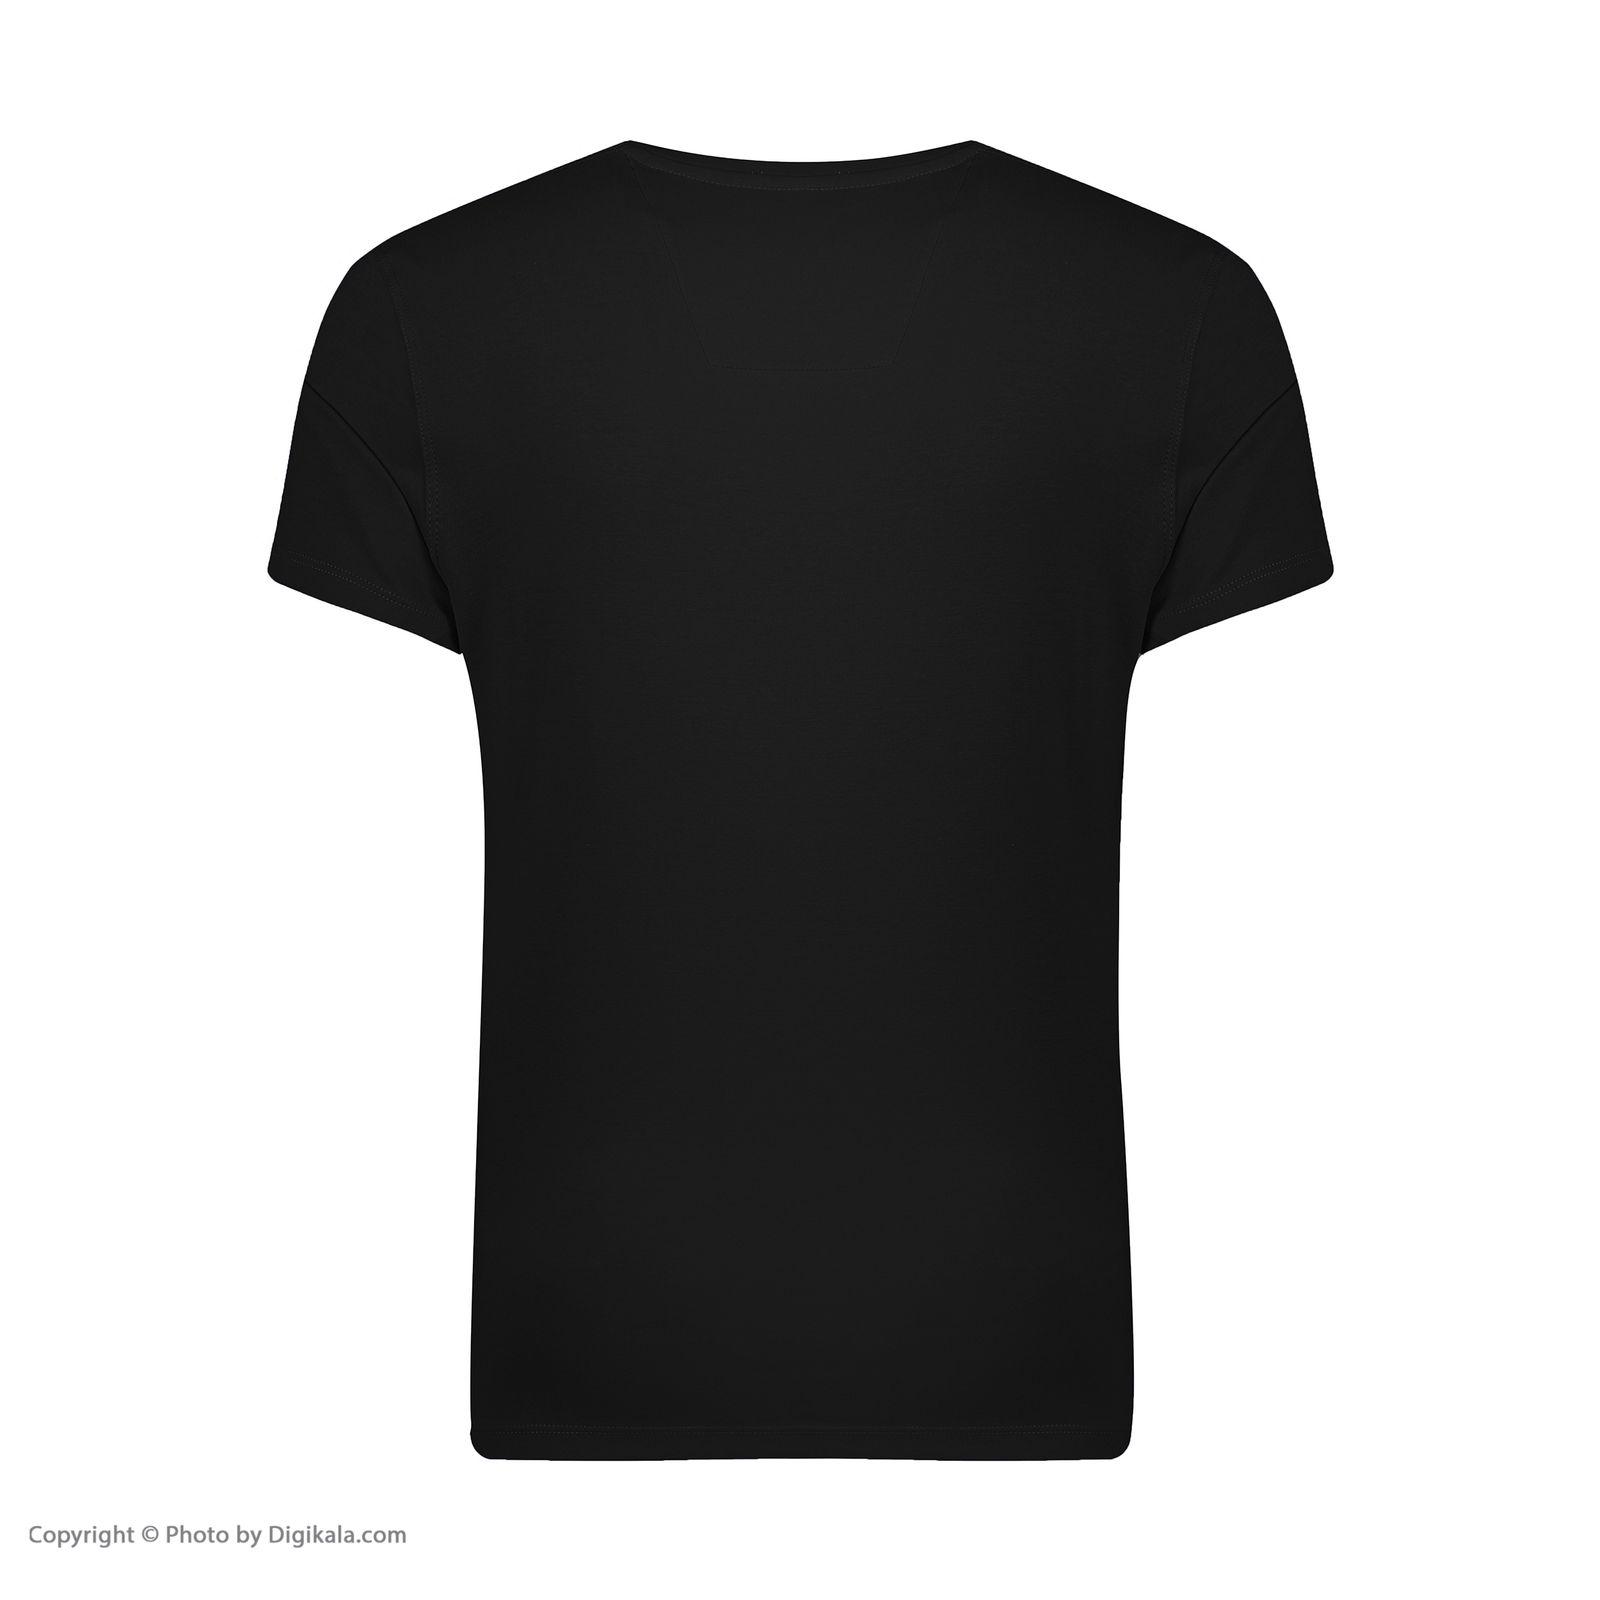 تیشرت آستین کوتاه مردانه برندس مدل 2289C01 -  - 3